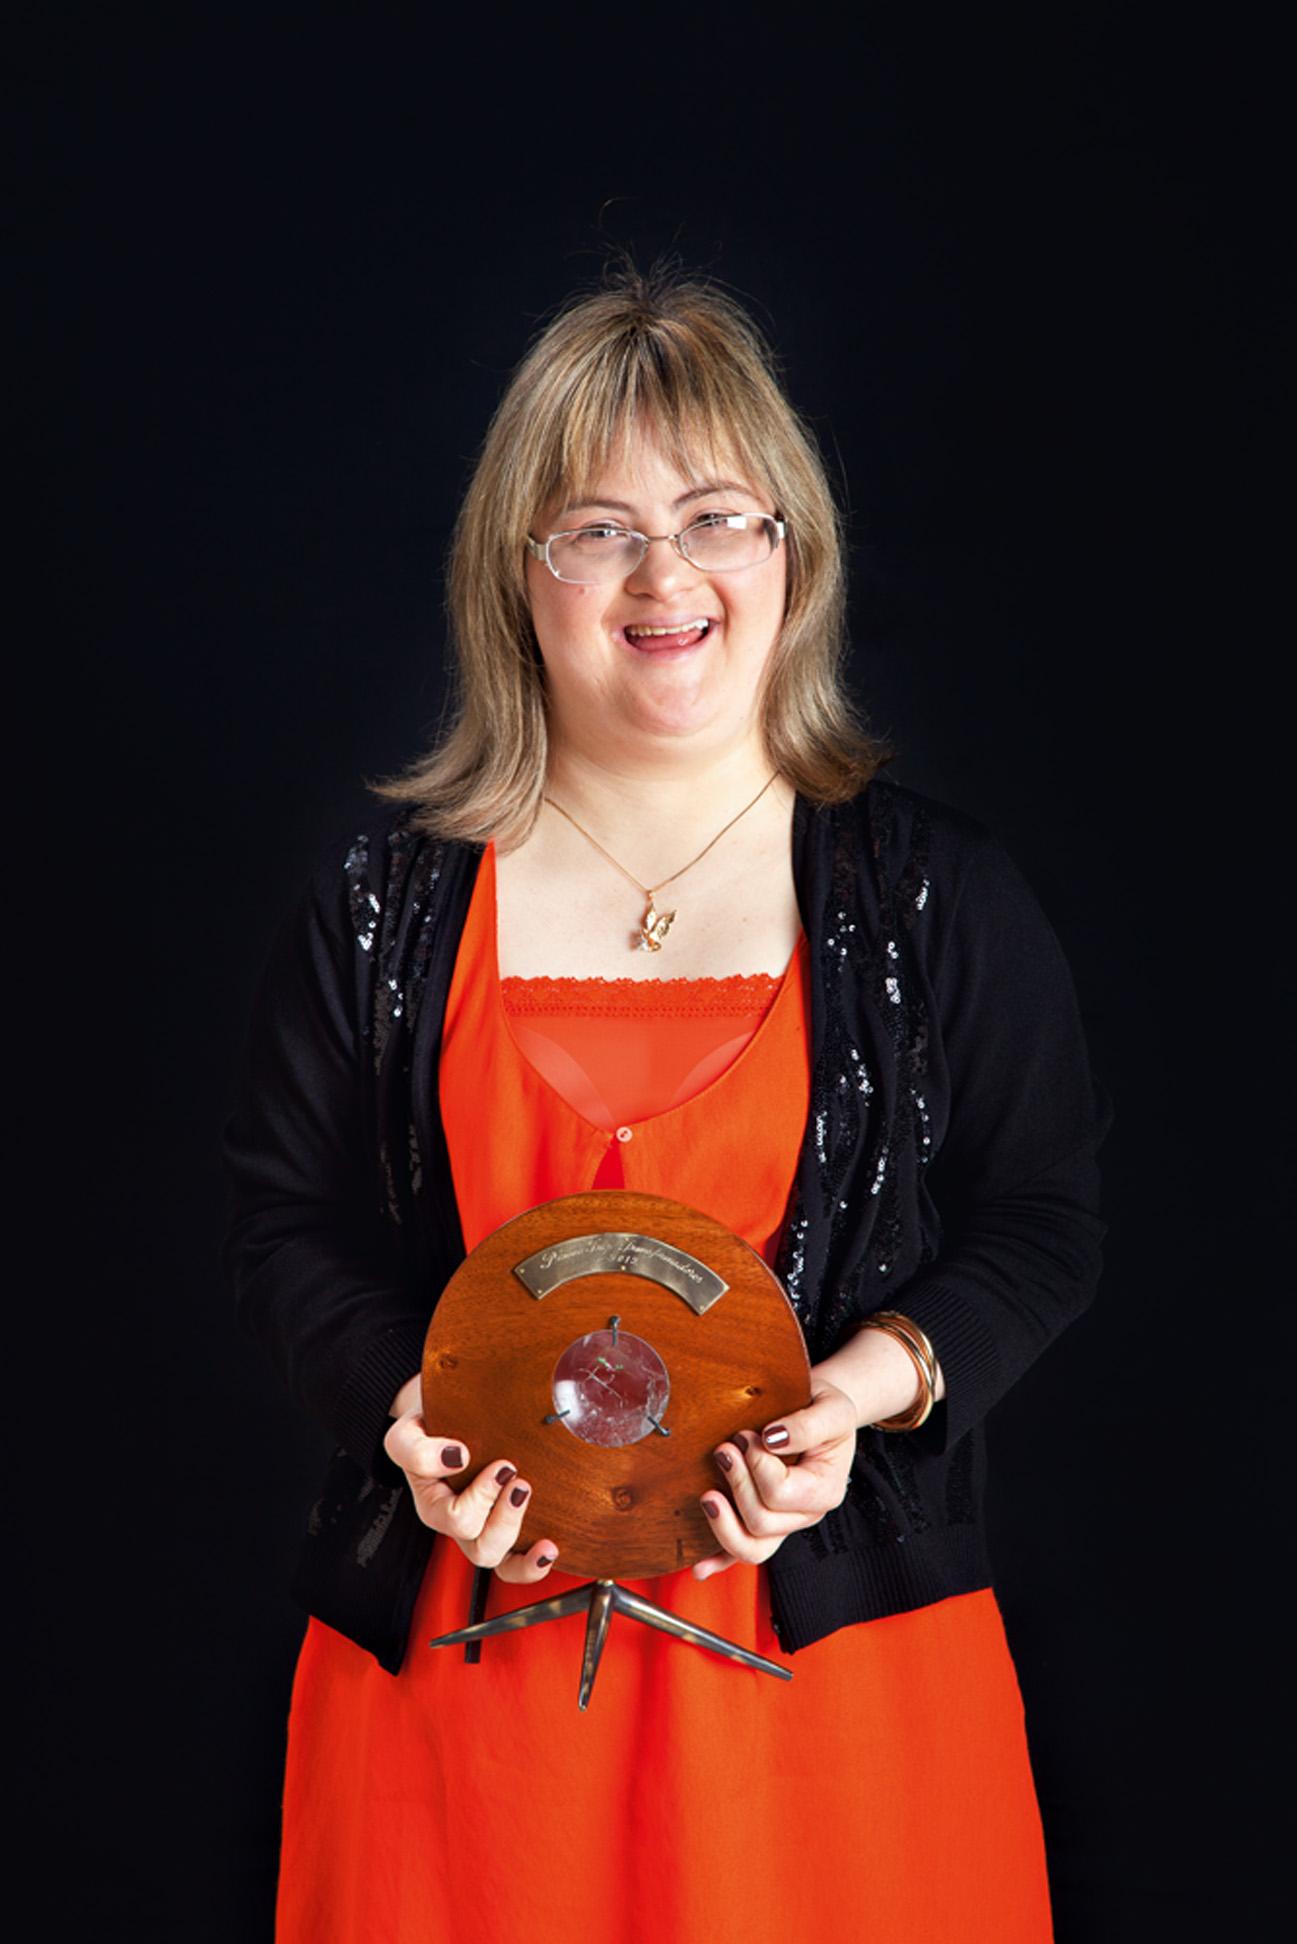 Ana Beatriz Pierre Paiva - 'O prêmio é de uma importância muito grande, não só para mim, mas para todos que escreveram comigo esse livro. Poder mostrar para a sociedade que nós podemos evoluir é a melhor coisa. Juntas, as pessoas têm o poder de mudar o mundo'